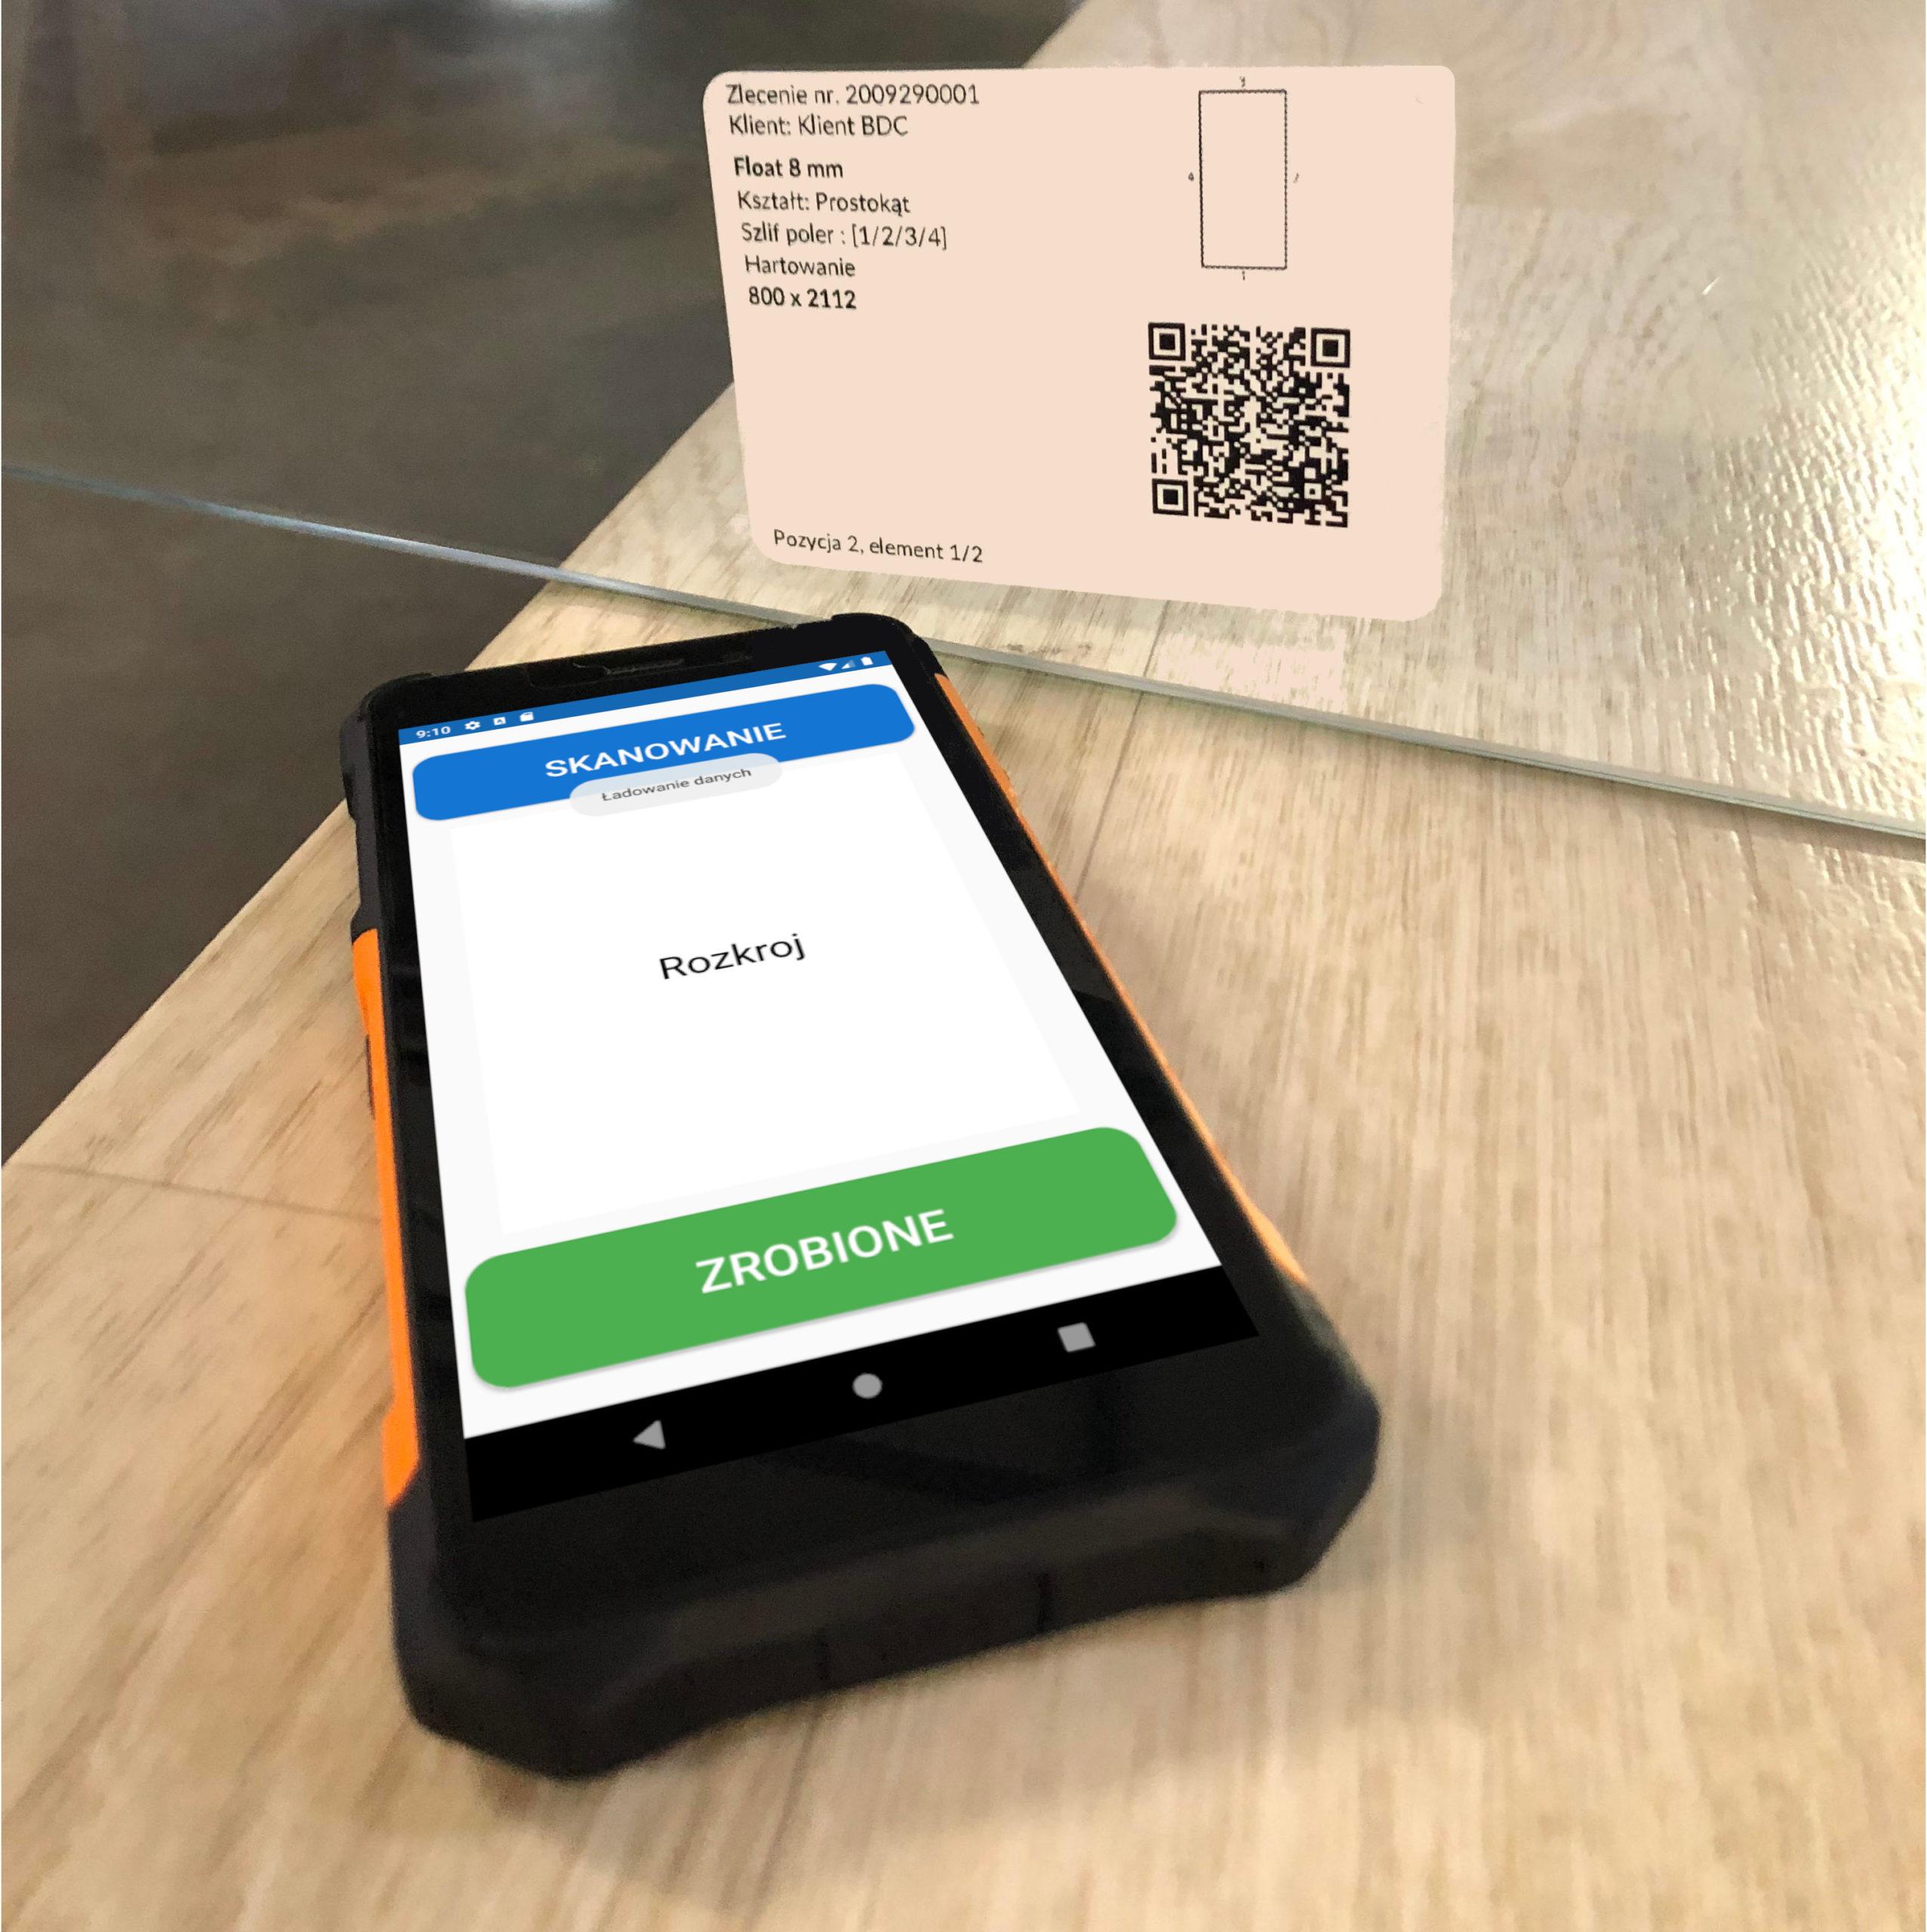 Nasza aplikacja mobilna i etykieta z QR kodem na szkle